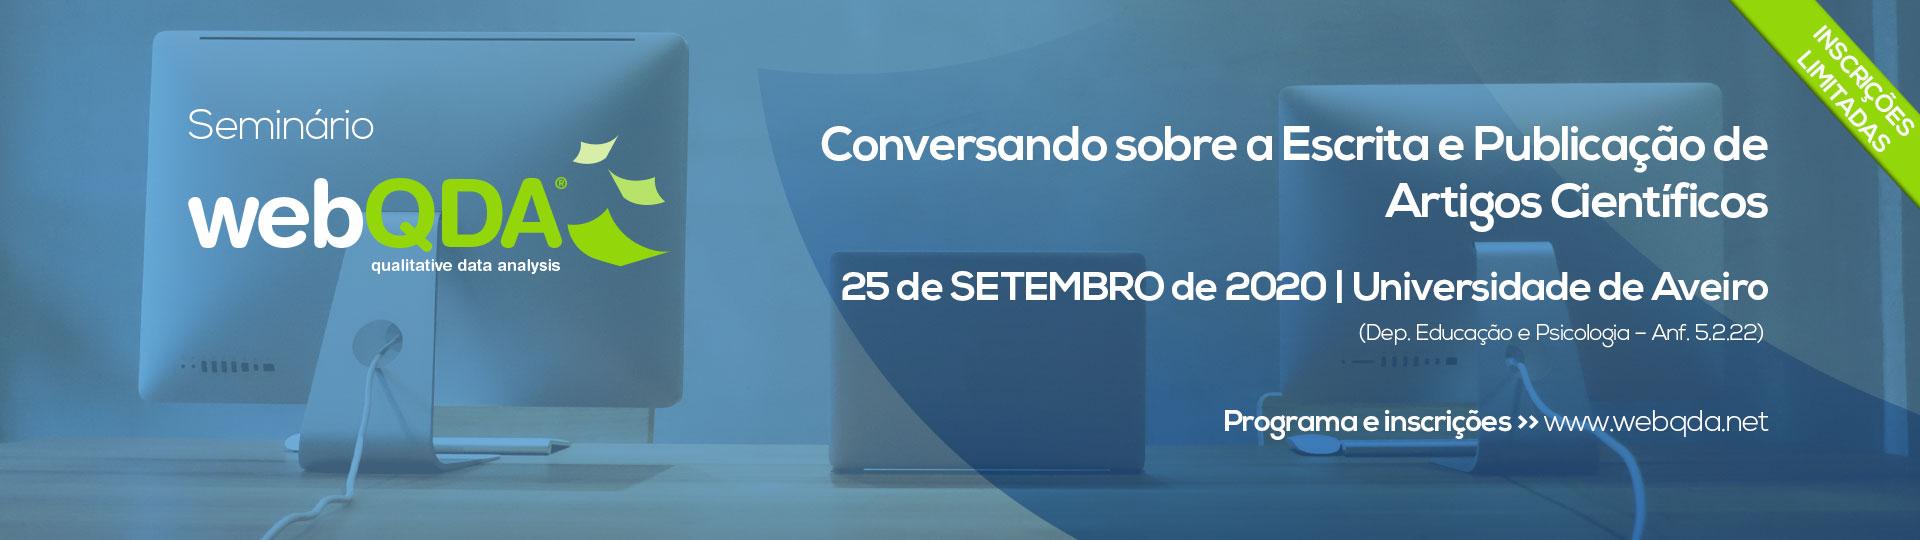 Seminario webQDA Universidade de Aveiro